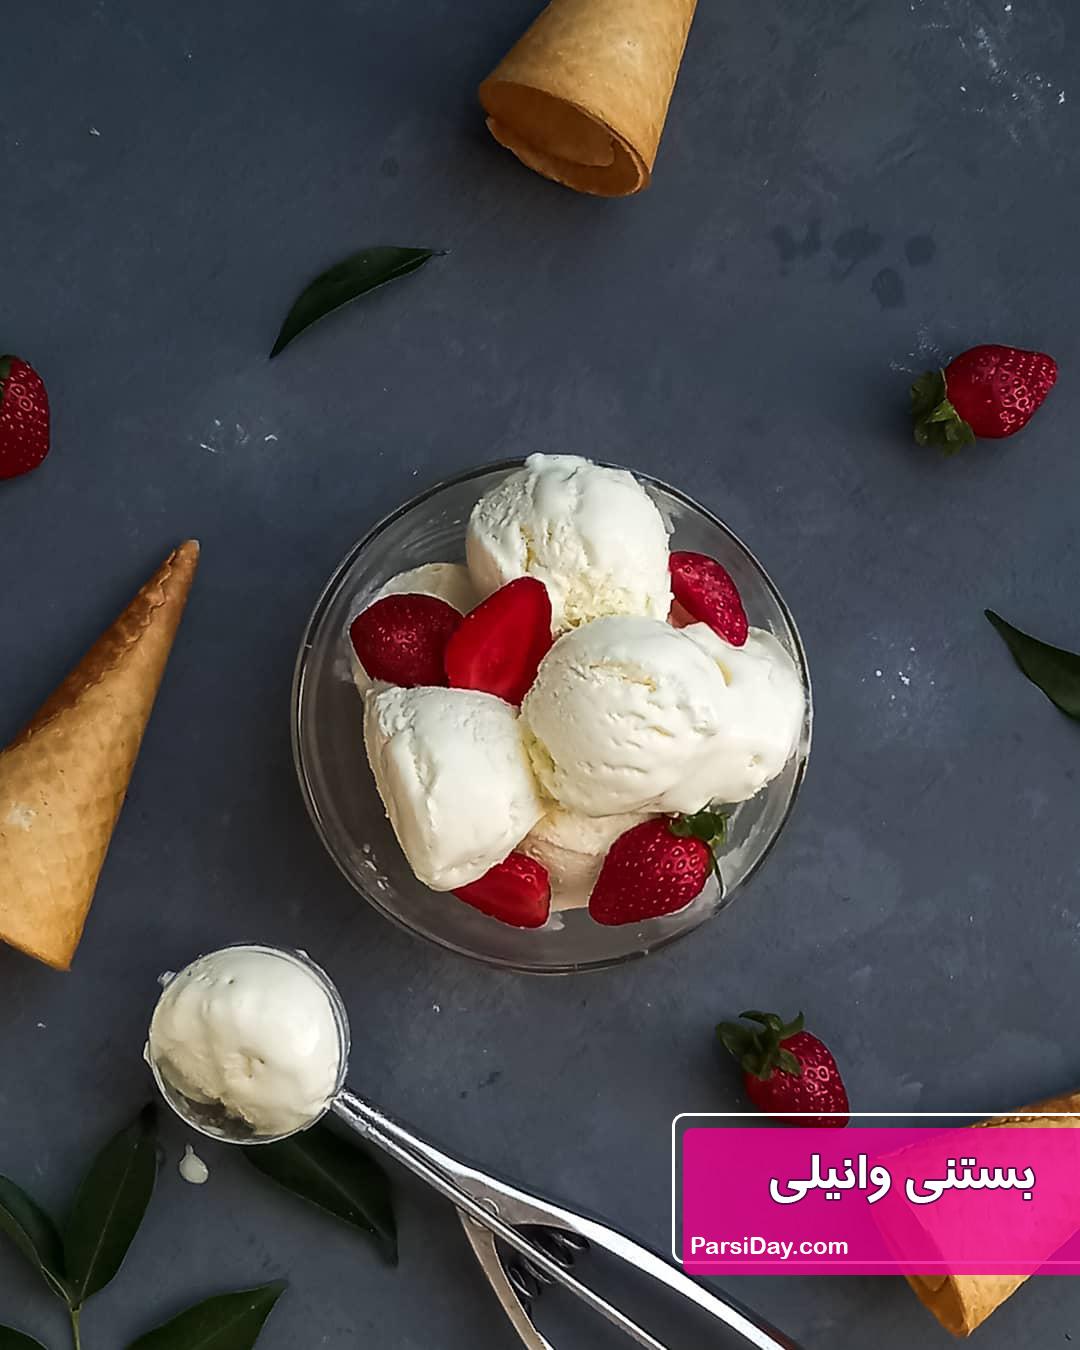 طرز تهیه بستنی وانیلی خانگی ساده با خامه و ثعلب بدون بستنی ساز